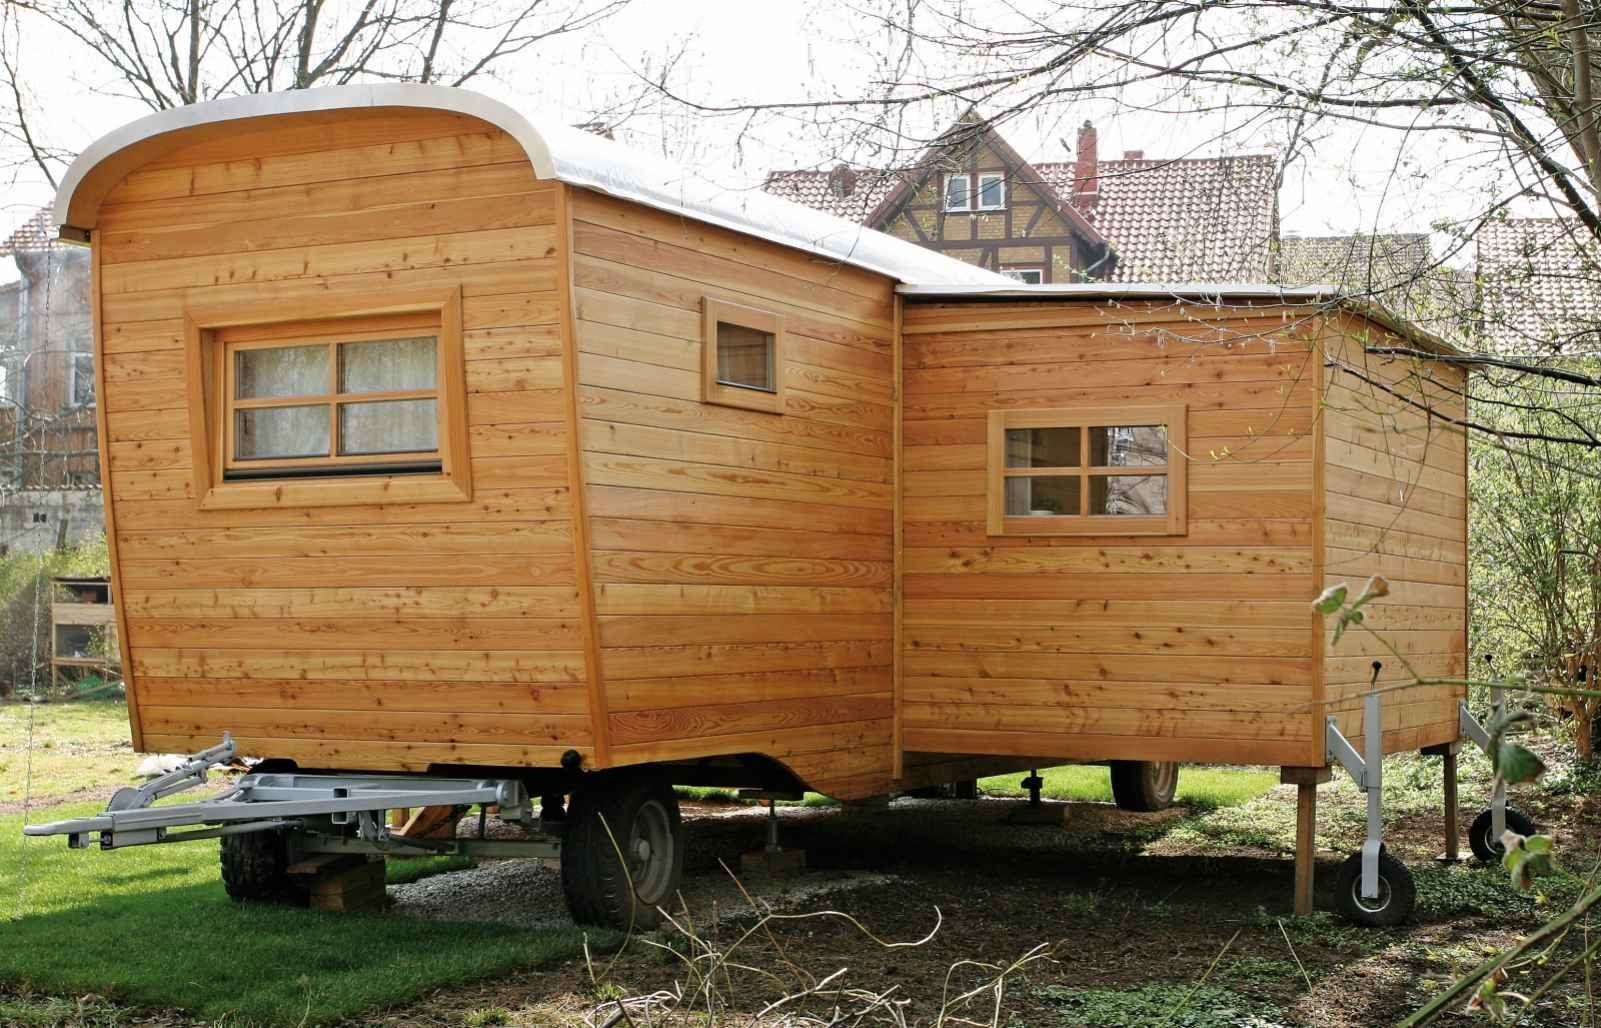 Haus Wohnwagen Basic Aus Holz Haus Wohnwagen Modell Basic